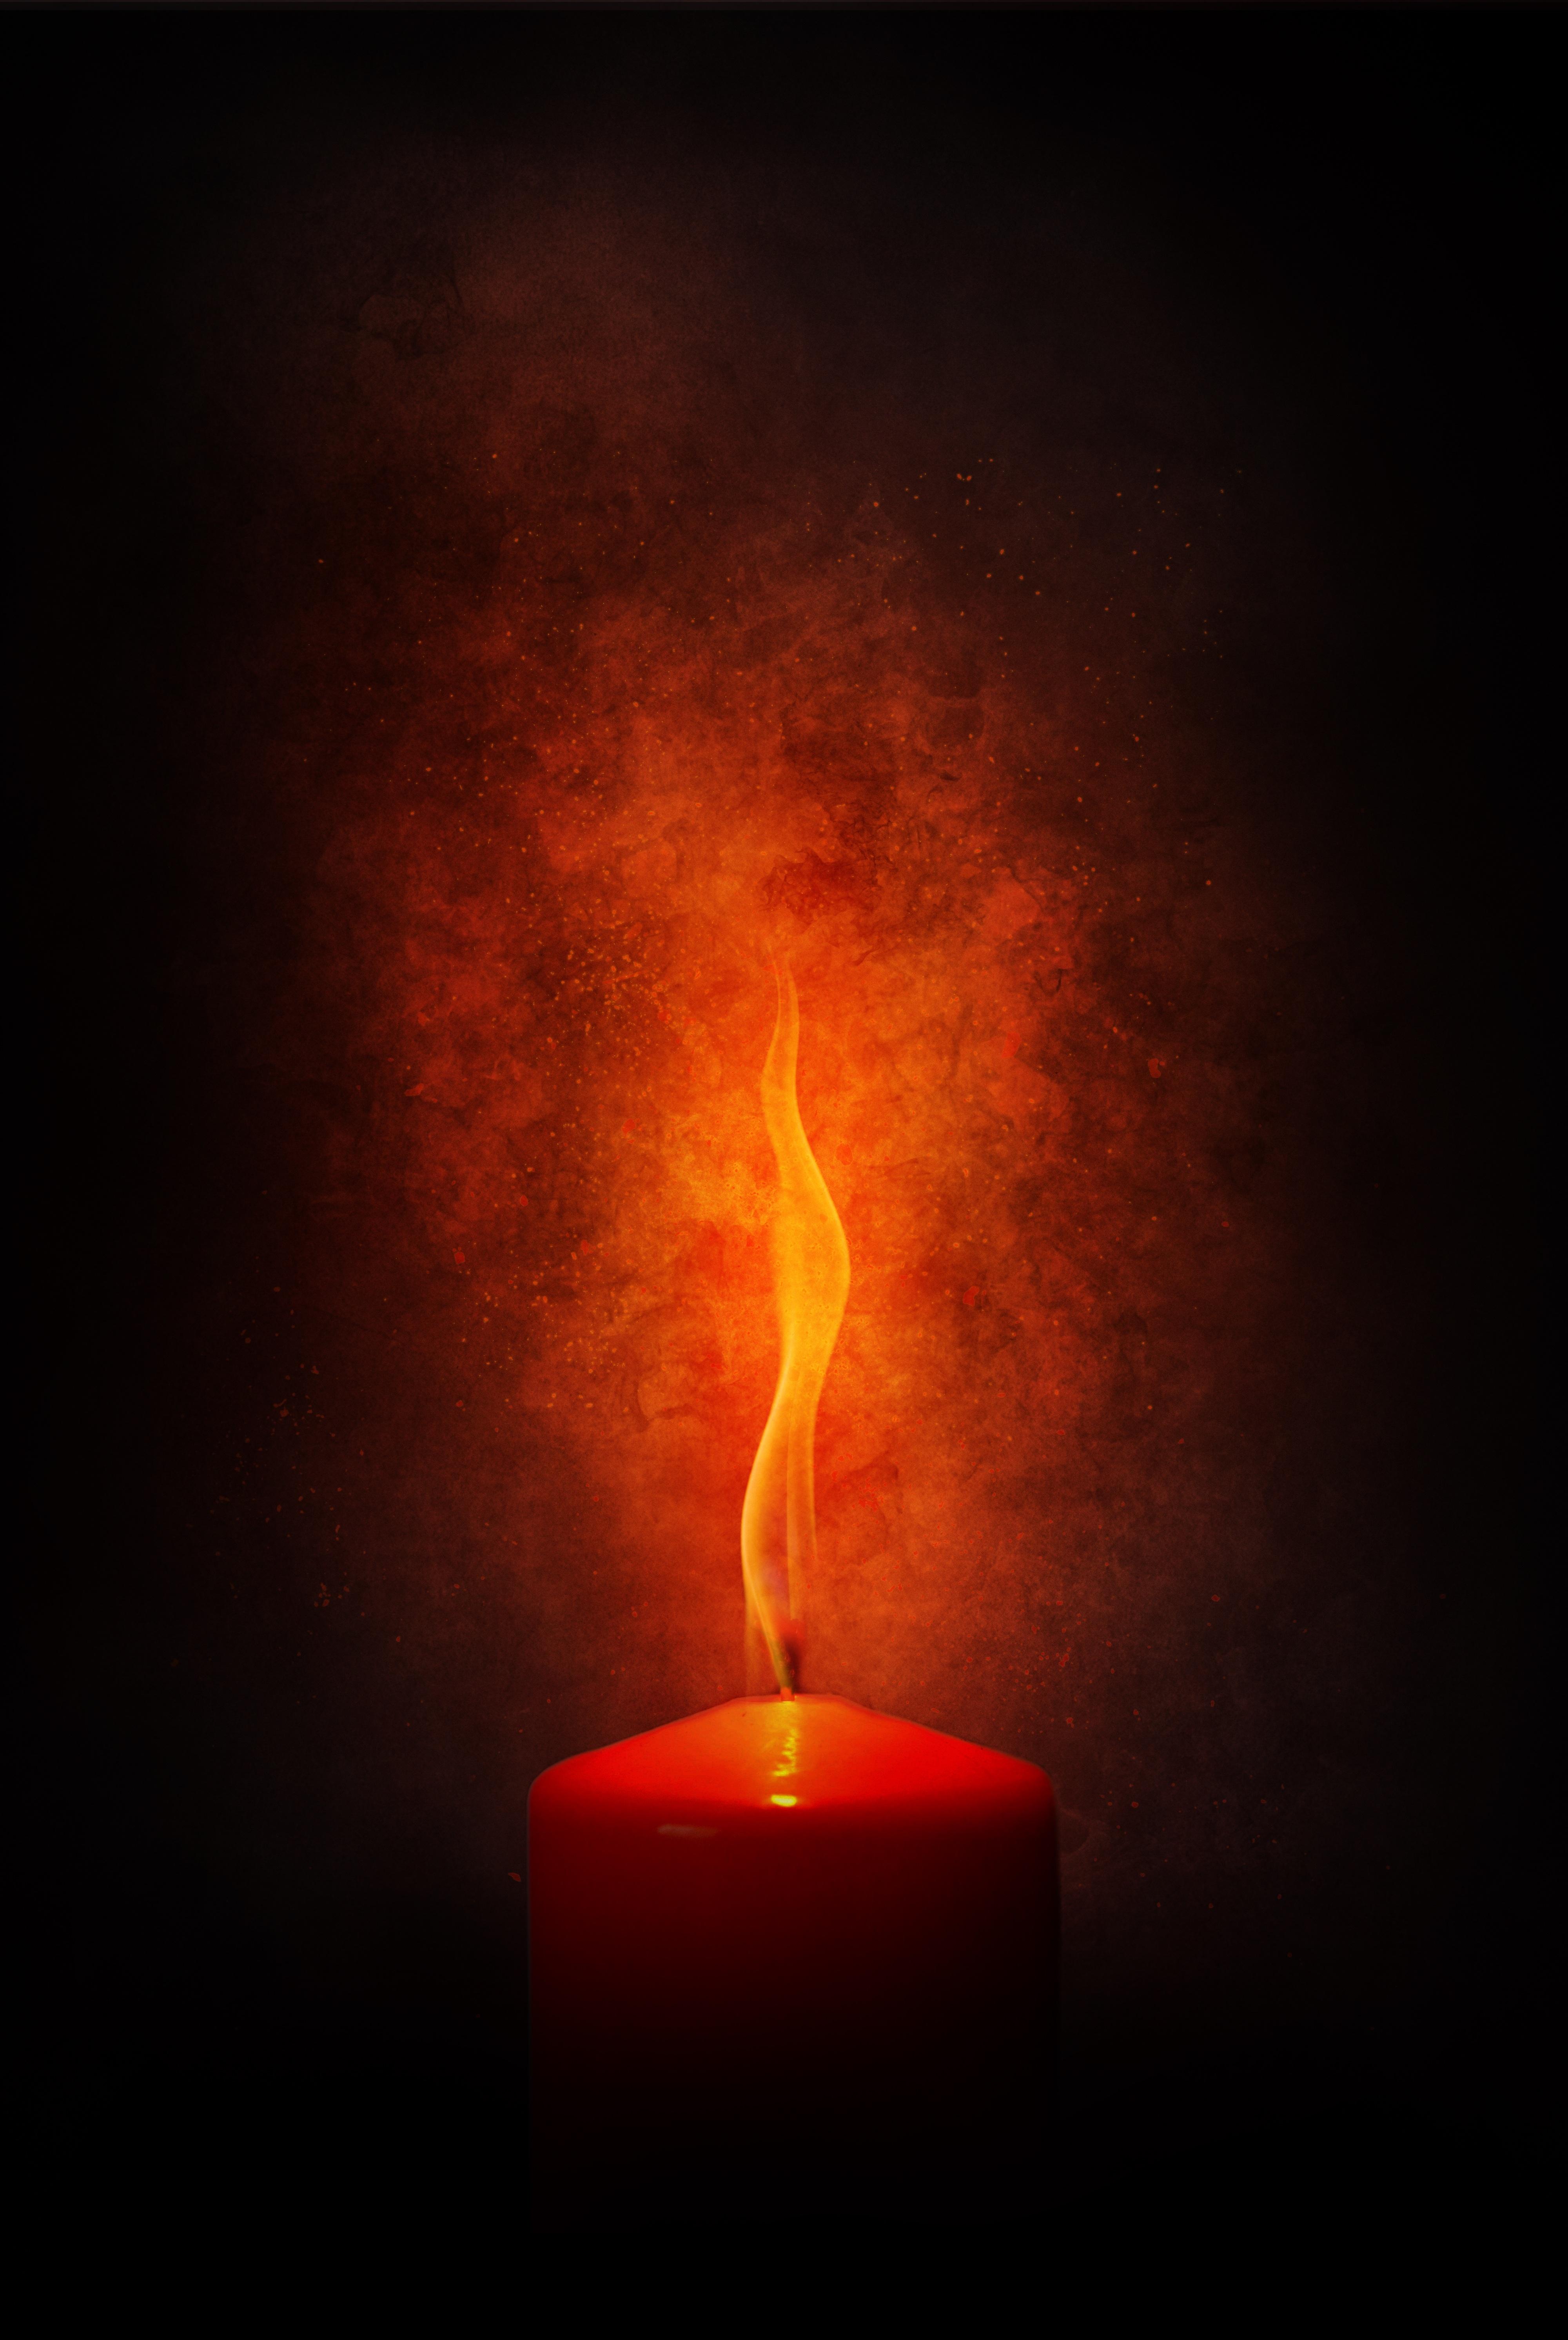 75352 Заставки и Обои Огонь на телефон. Скачать Огонь, Темные, Пламя, Темный, Свеча, Гореть картинки бесплатно